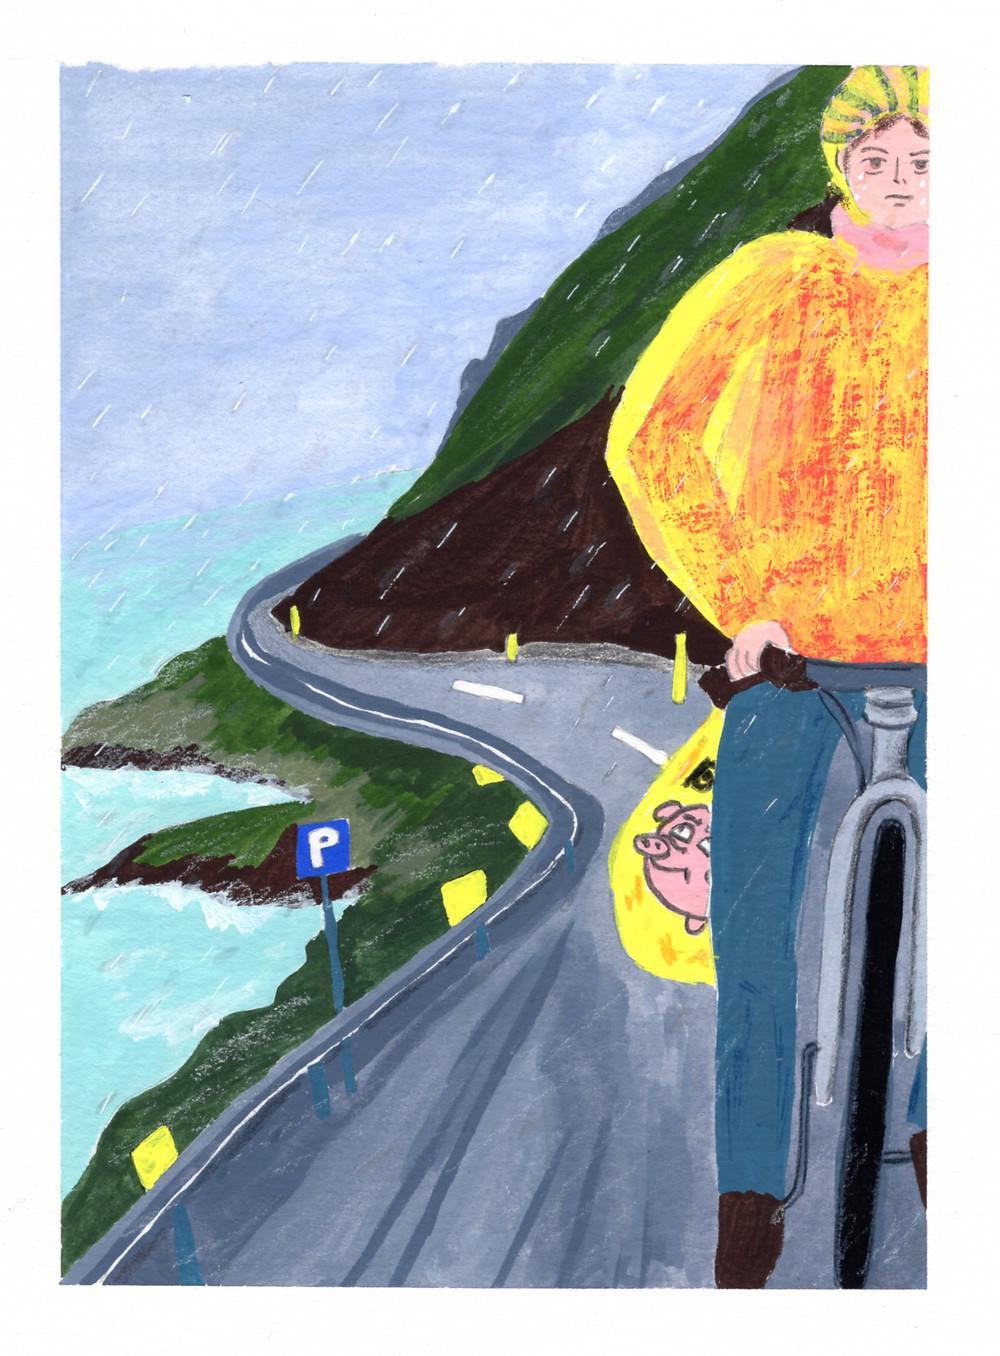 昏暗的天空飄著細雨,穿著黃色輕便雨衣,在峽灣公路上,沒有來車,沒有村莊,沒有羊群,原本計畫著騎完60公里可以早早收工,卻還有三四十公里才能抵達下一個露營區,這天摸黑抵達營區已逼近晚上十點,一夜長大!